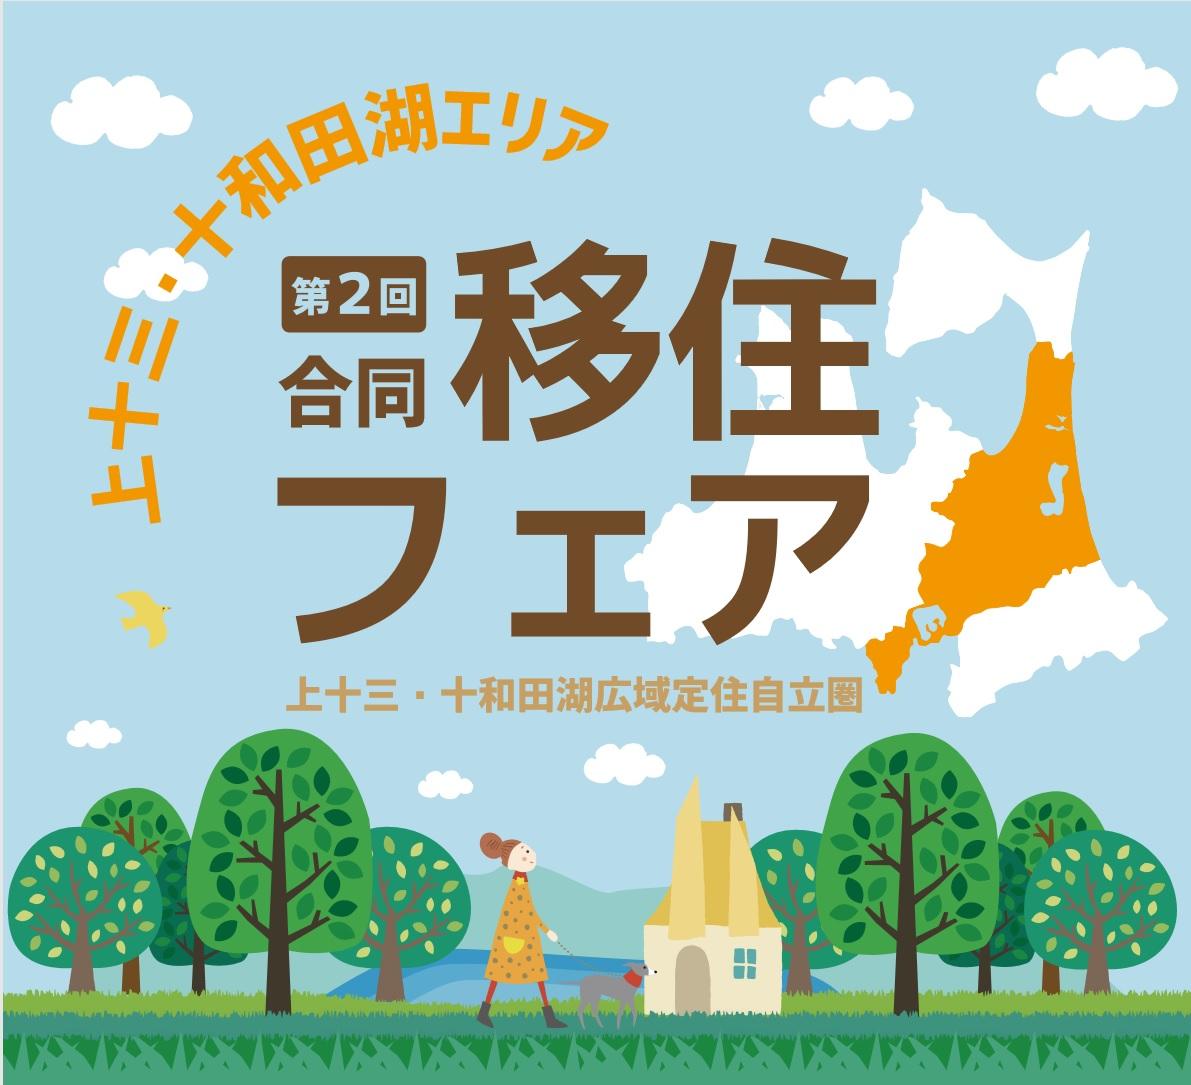 【9月6日締切】9月7日(土)第2回上十三・十和田湖エリア合同移住フェア